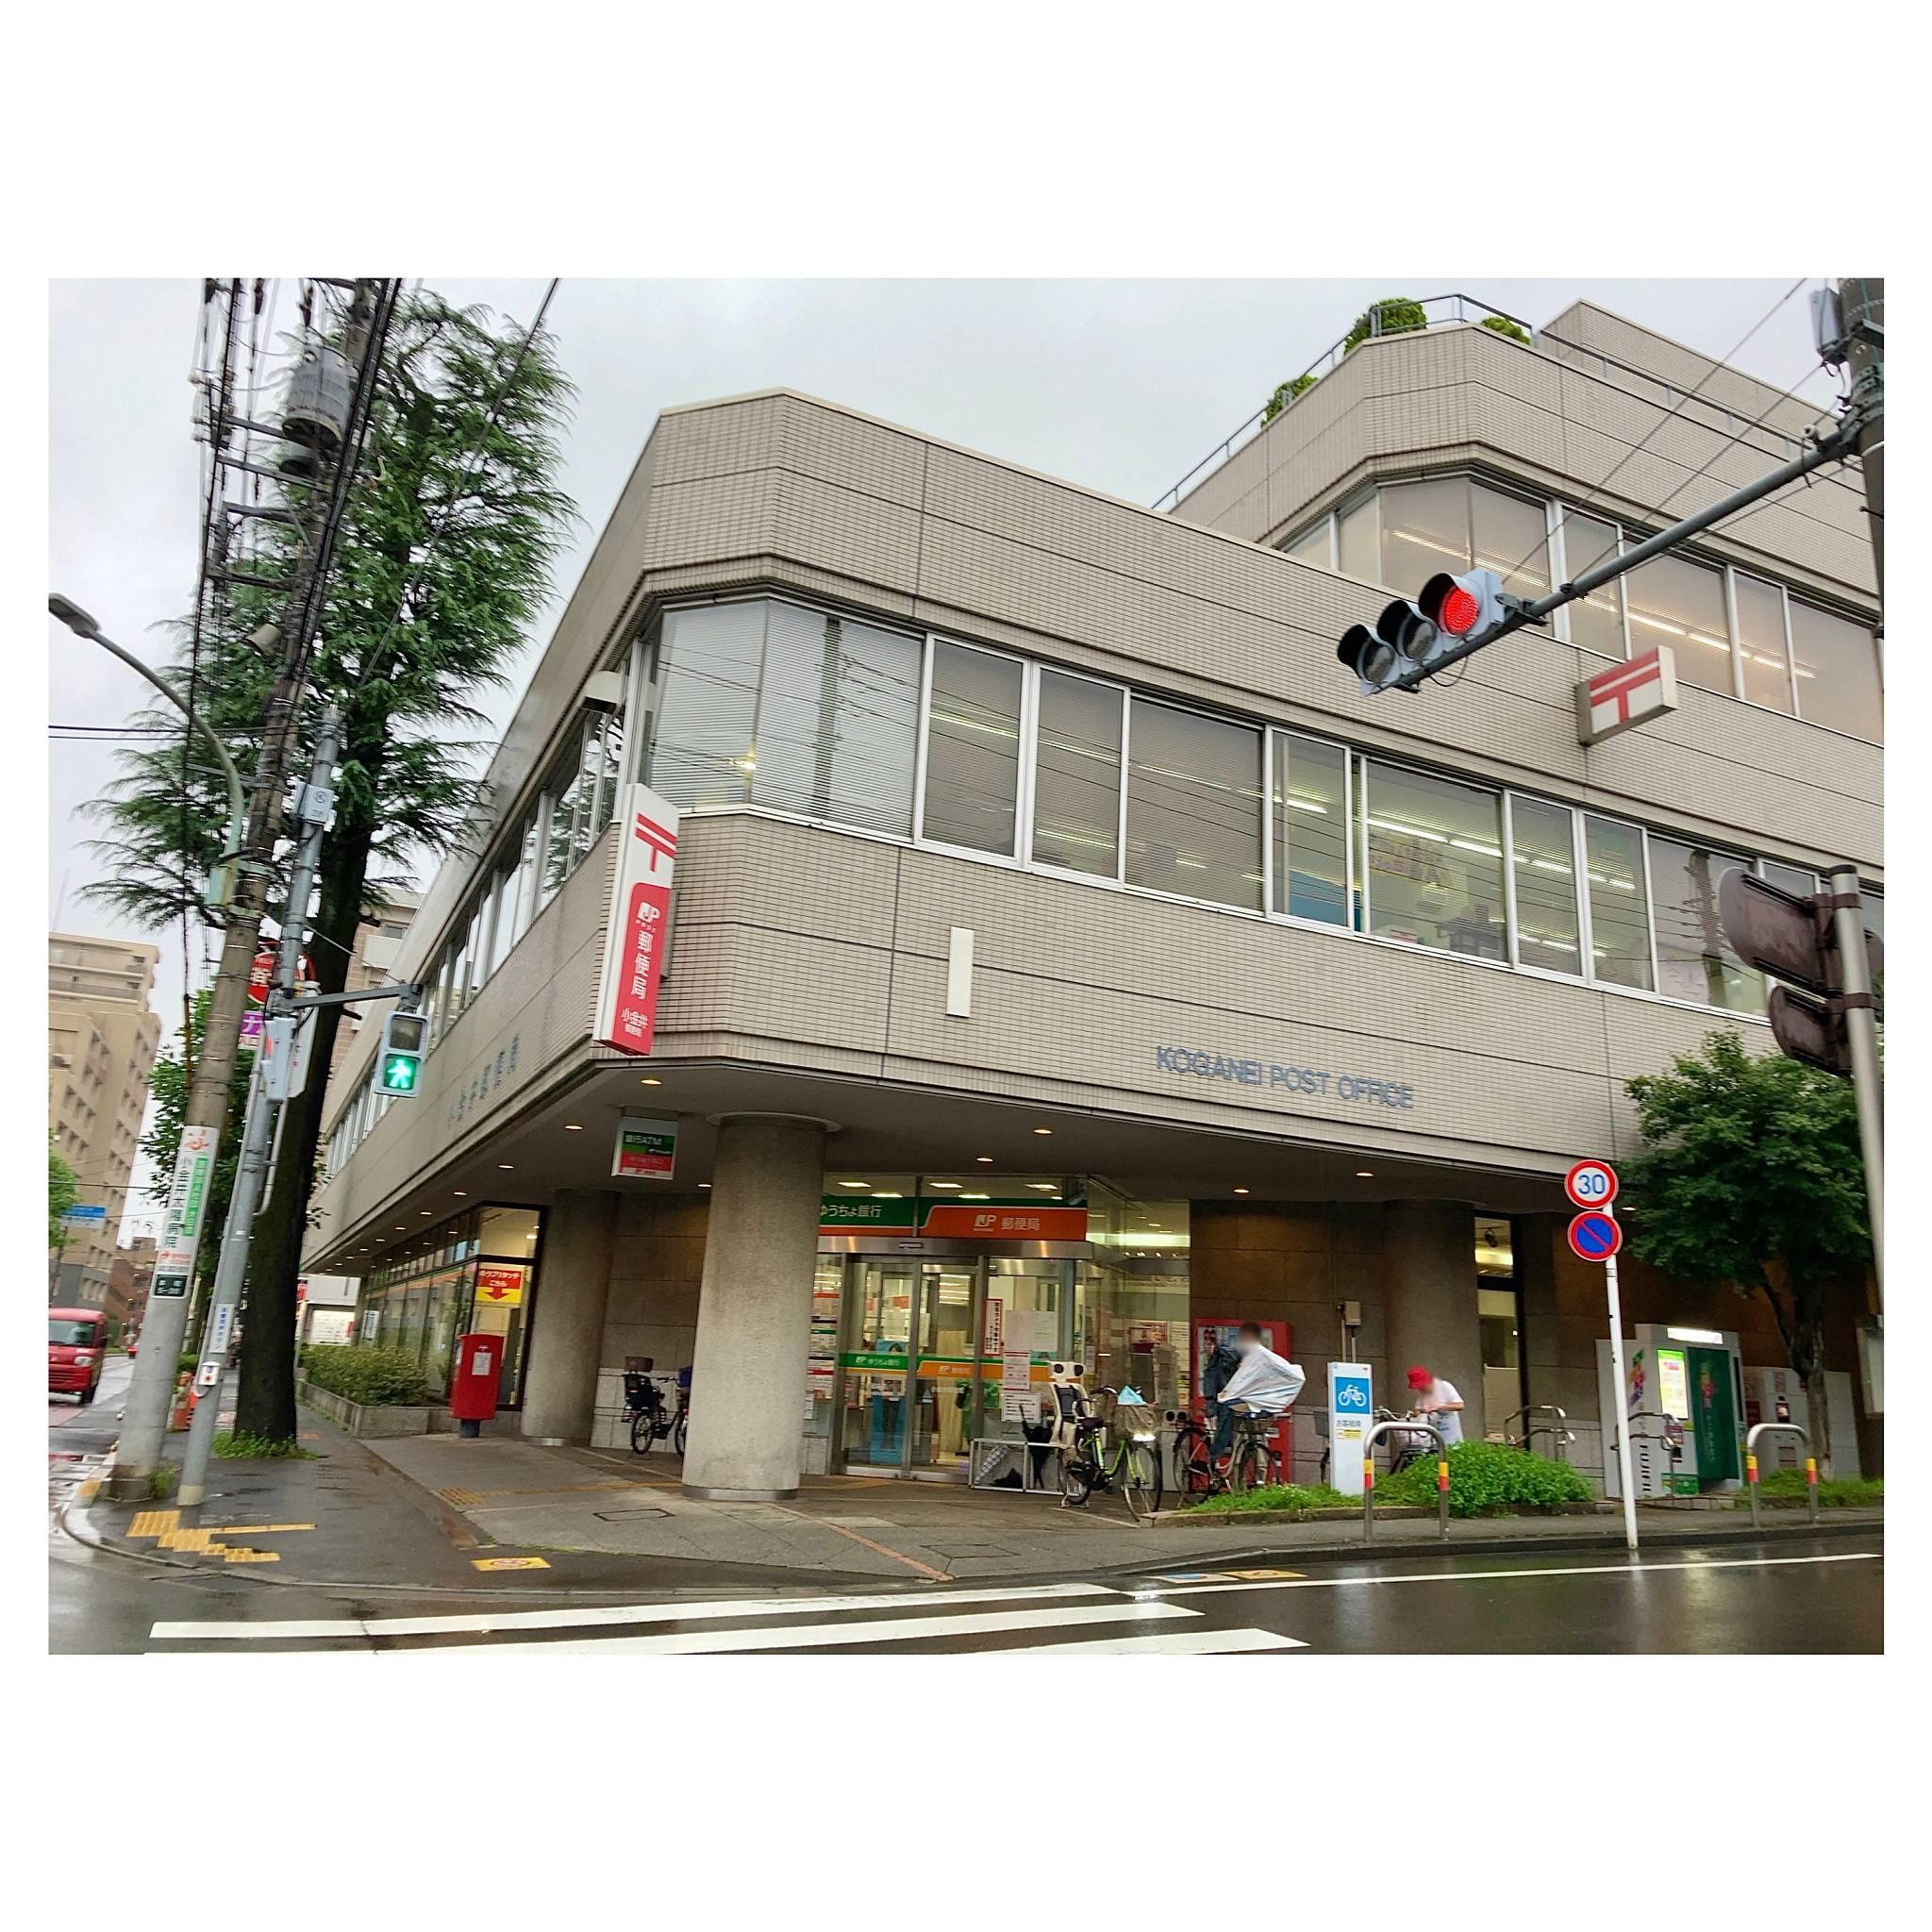 雨の小金井郵便局 武蔵小金井 東京・小金井市